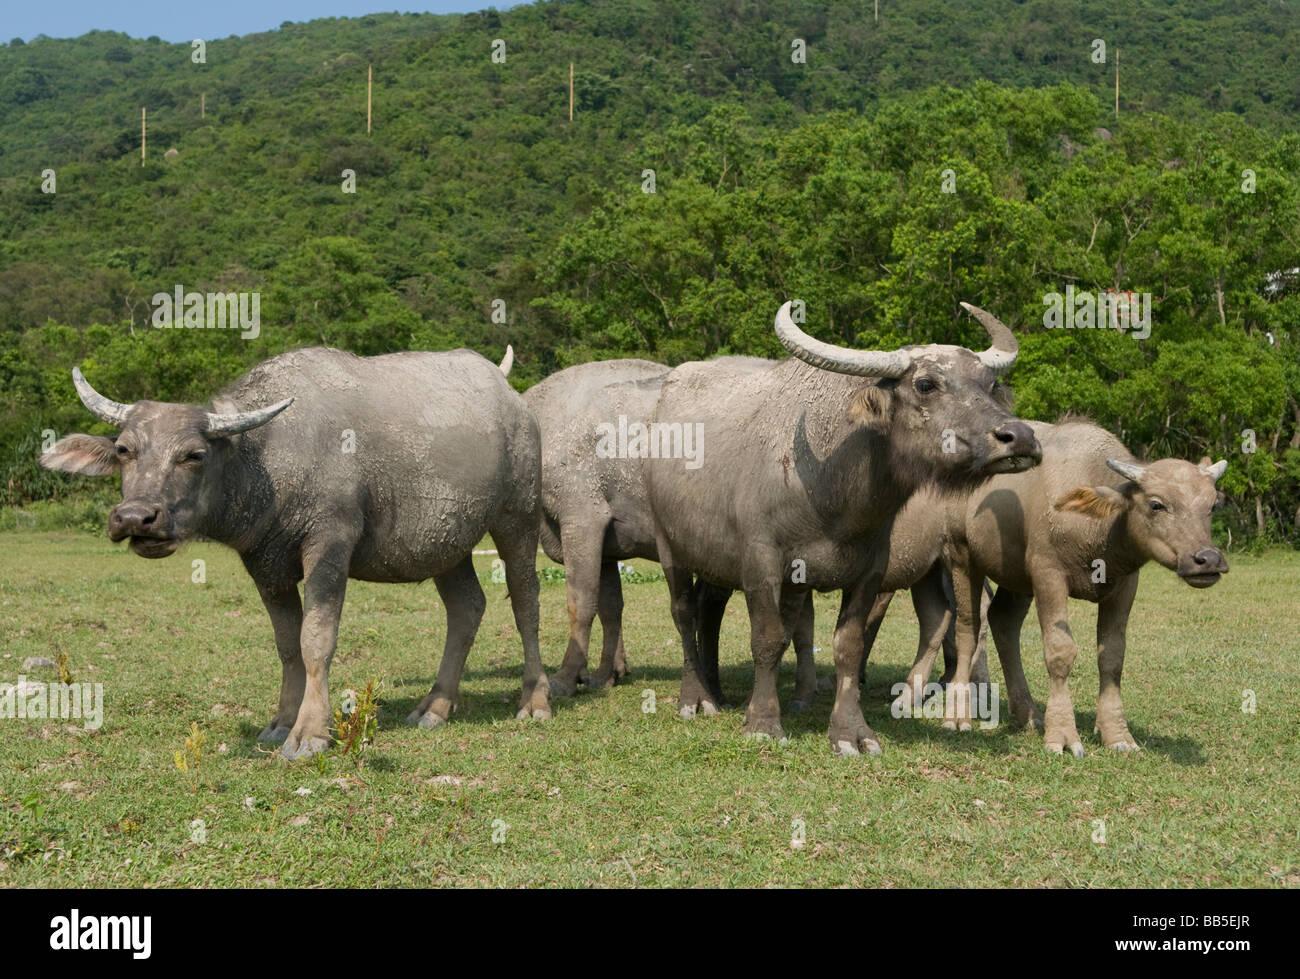 A herd of feral water buffalo at Pui O Lantau Island Hong Kong. - Stock Image